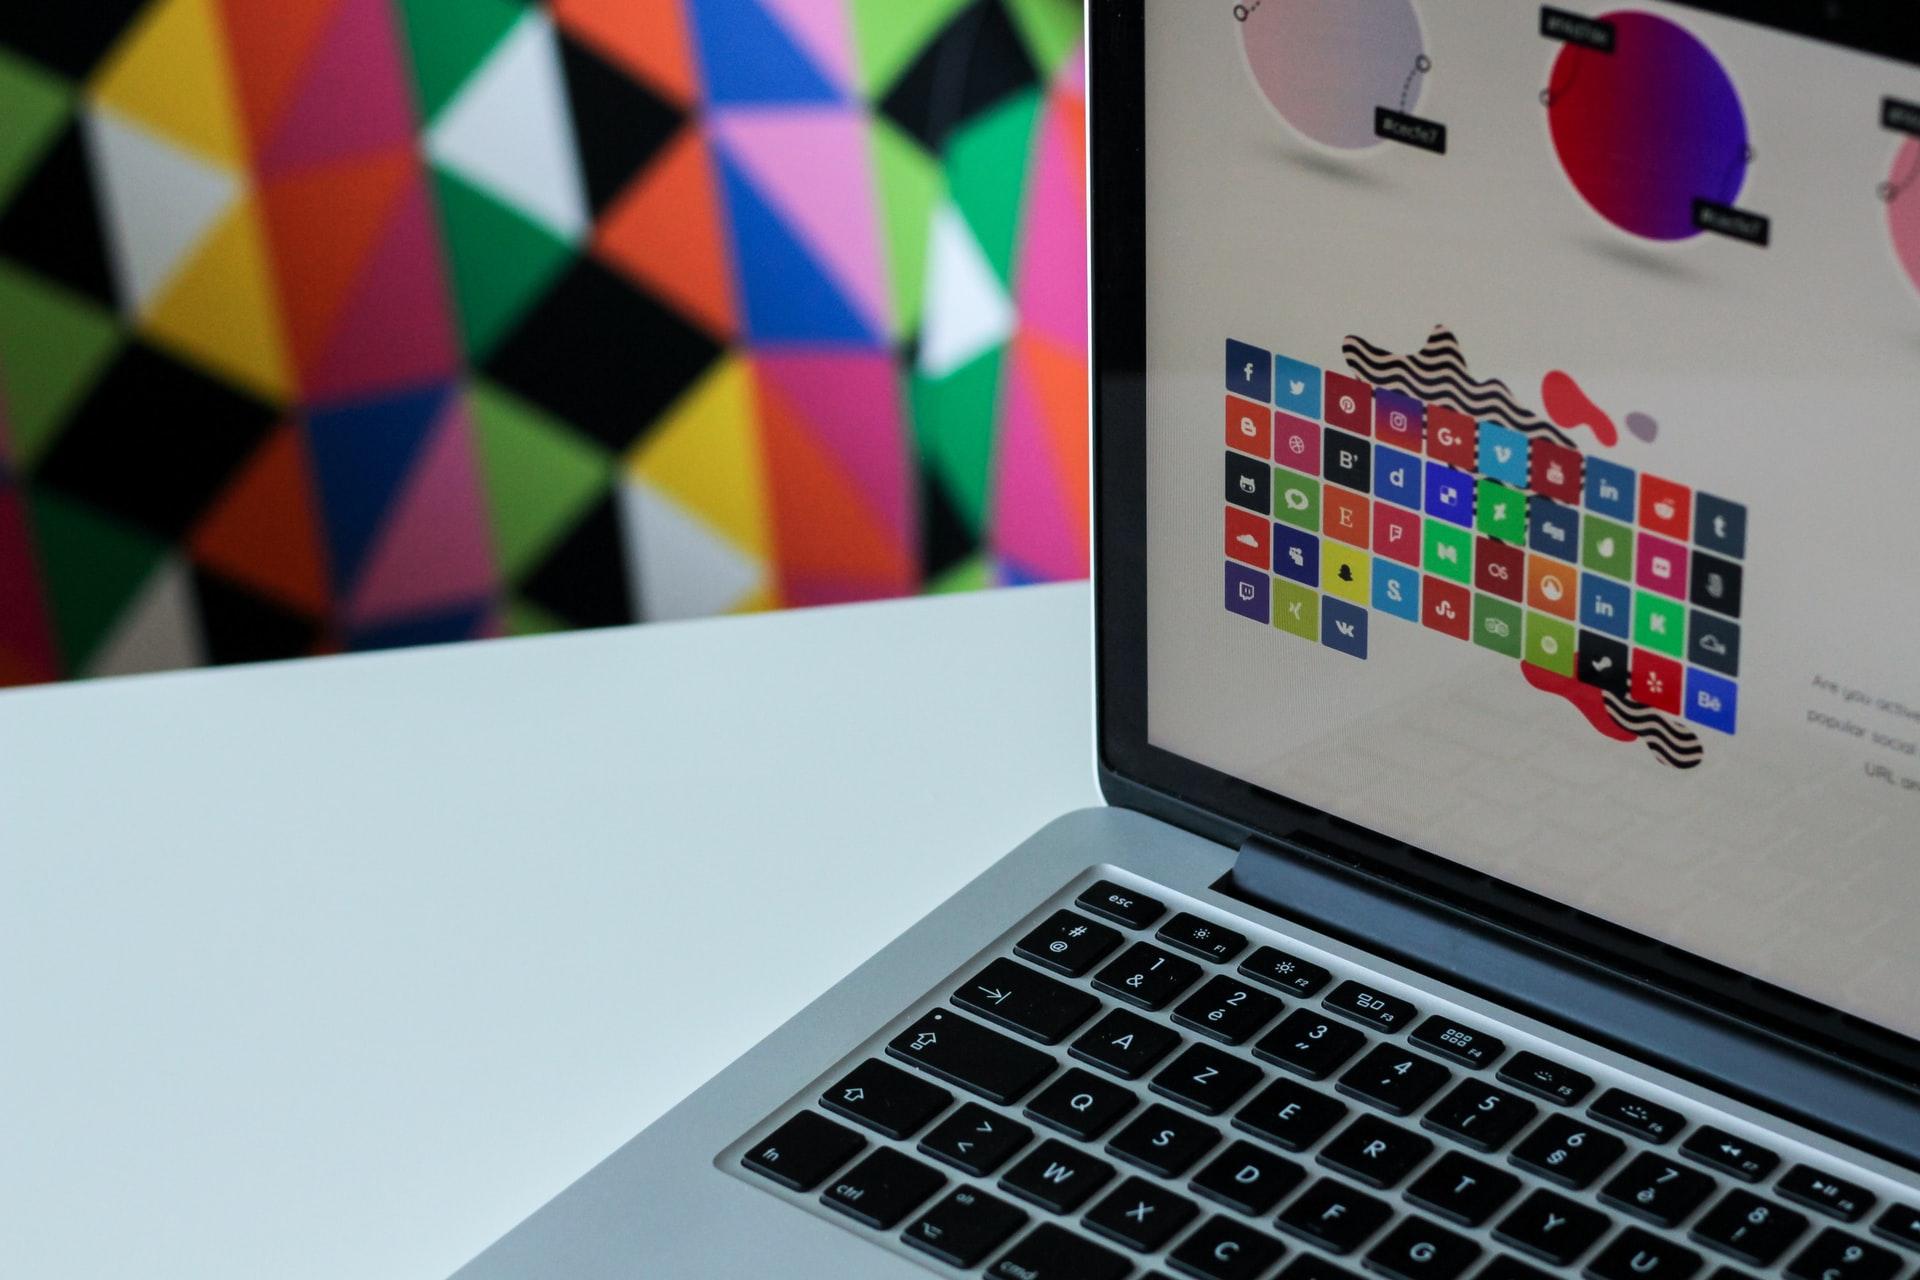 Een betere user experience dankzij vormgeving?